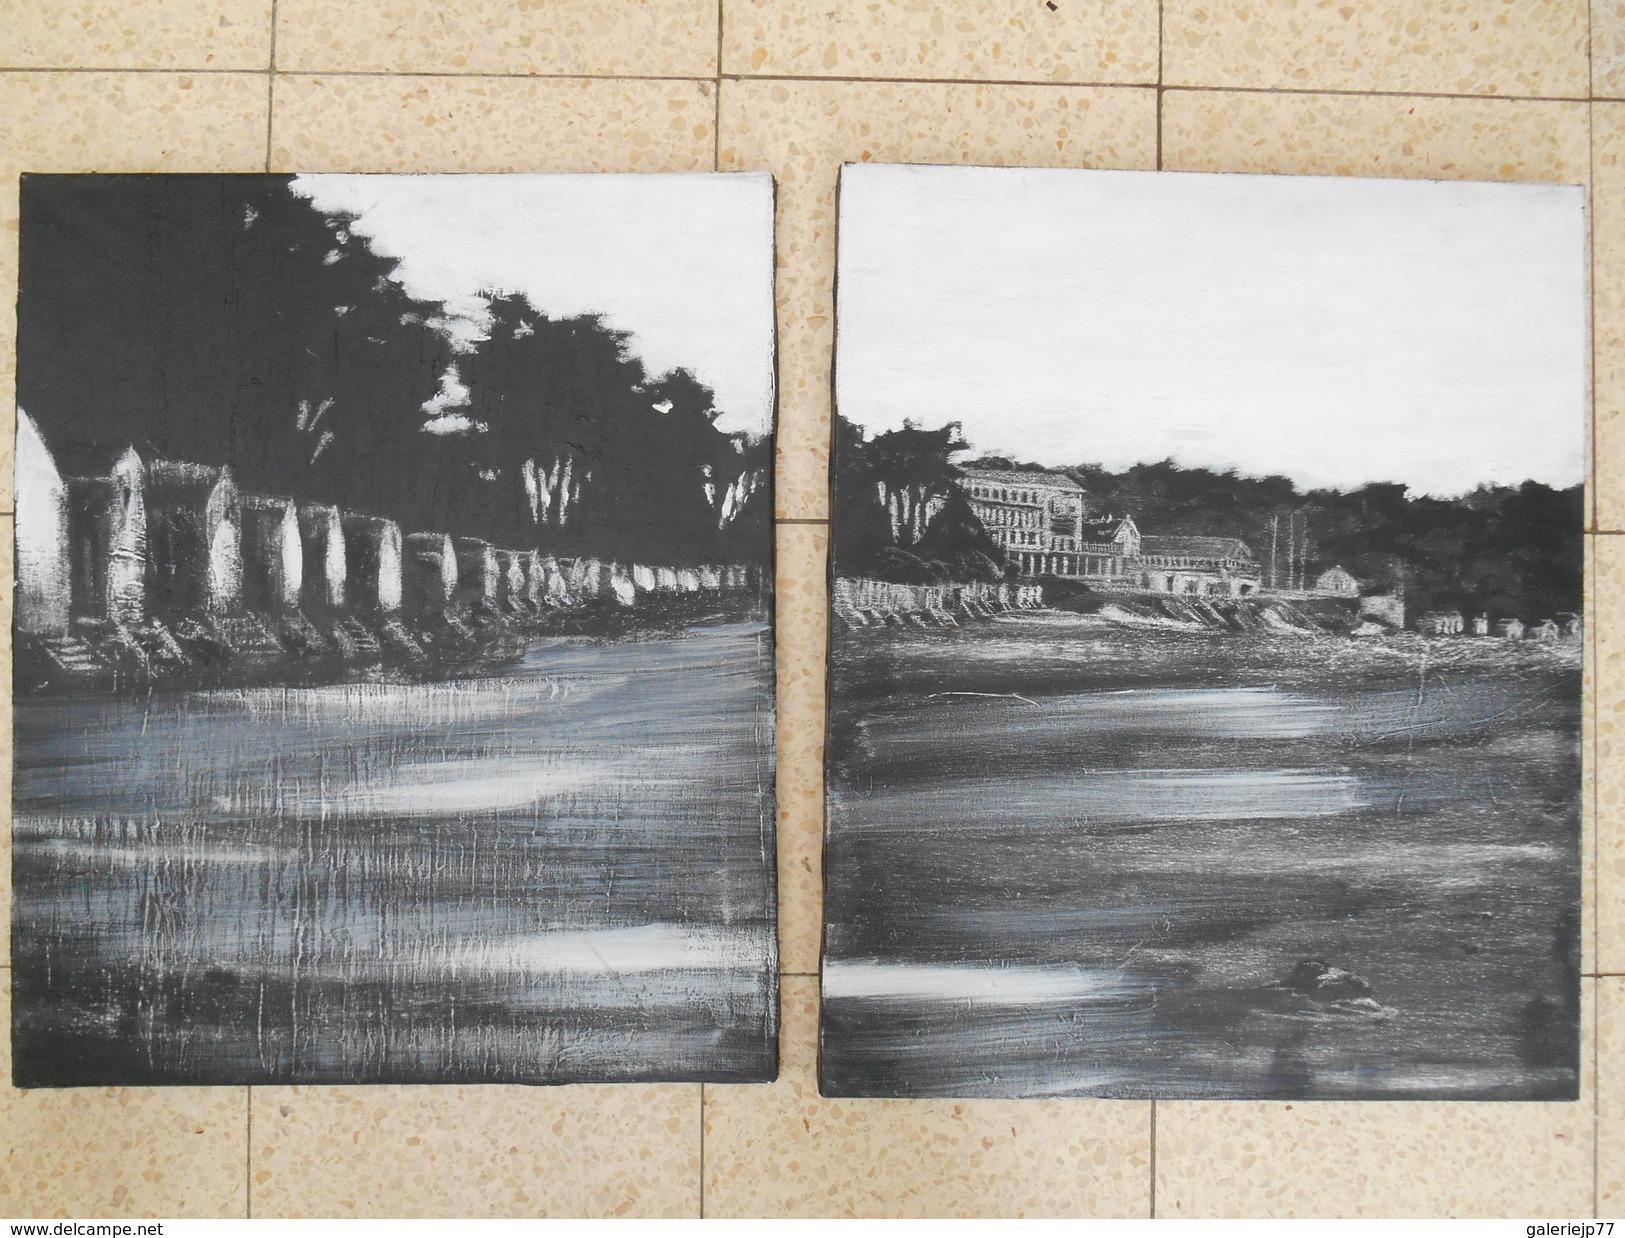 Diptyque Paysage Acrylique Sur Toile 50cm X 61cm Chaque Exemplaire - Acryliques